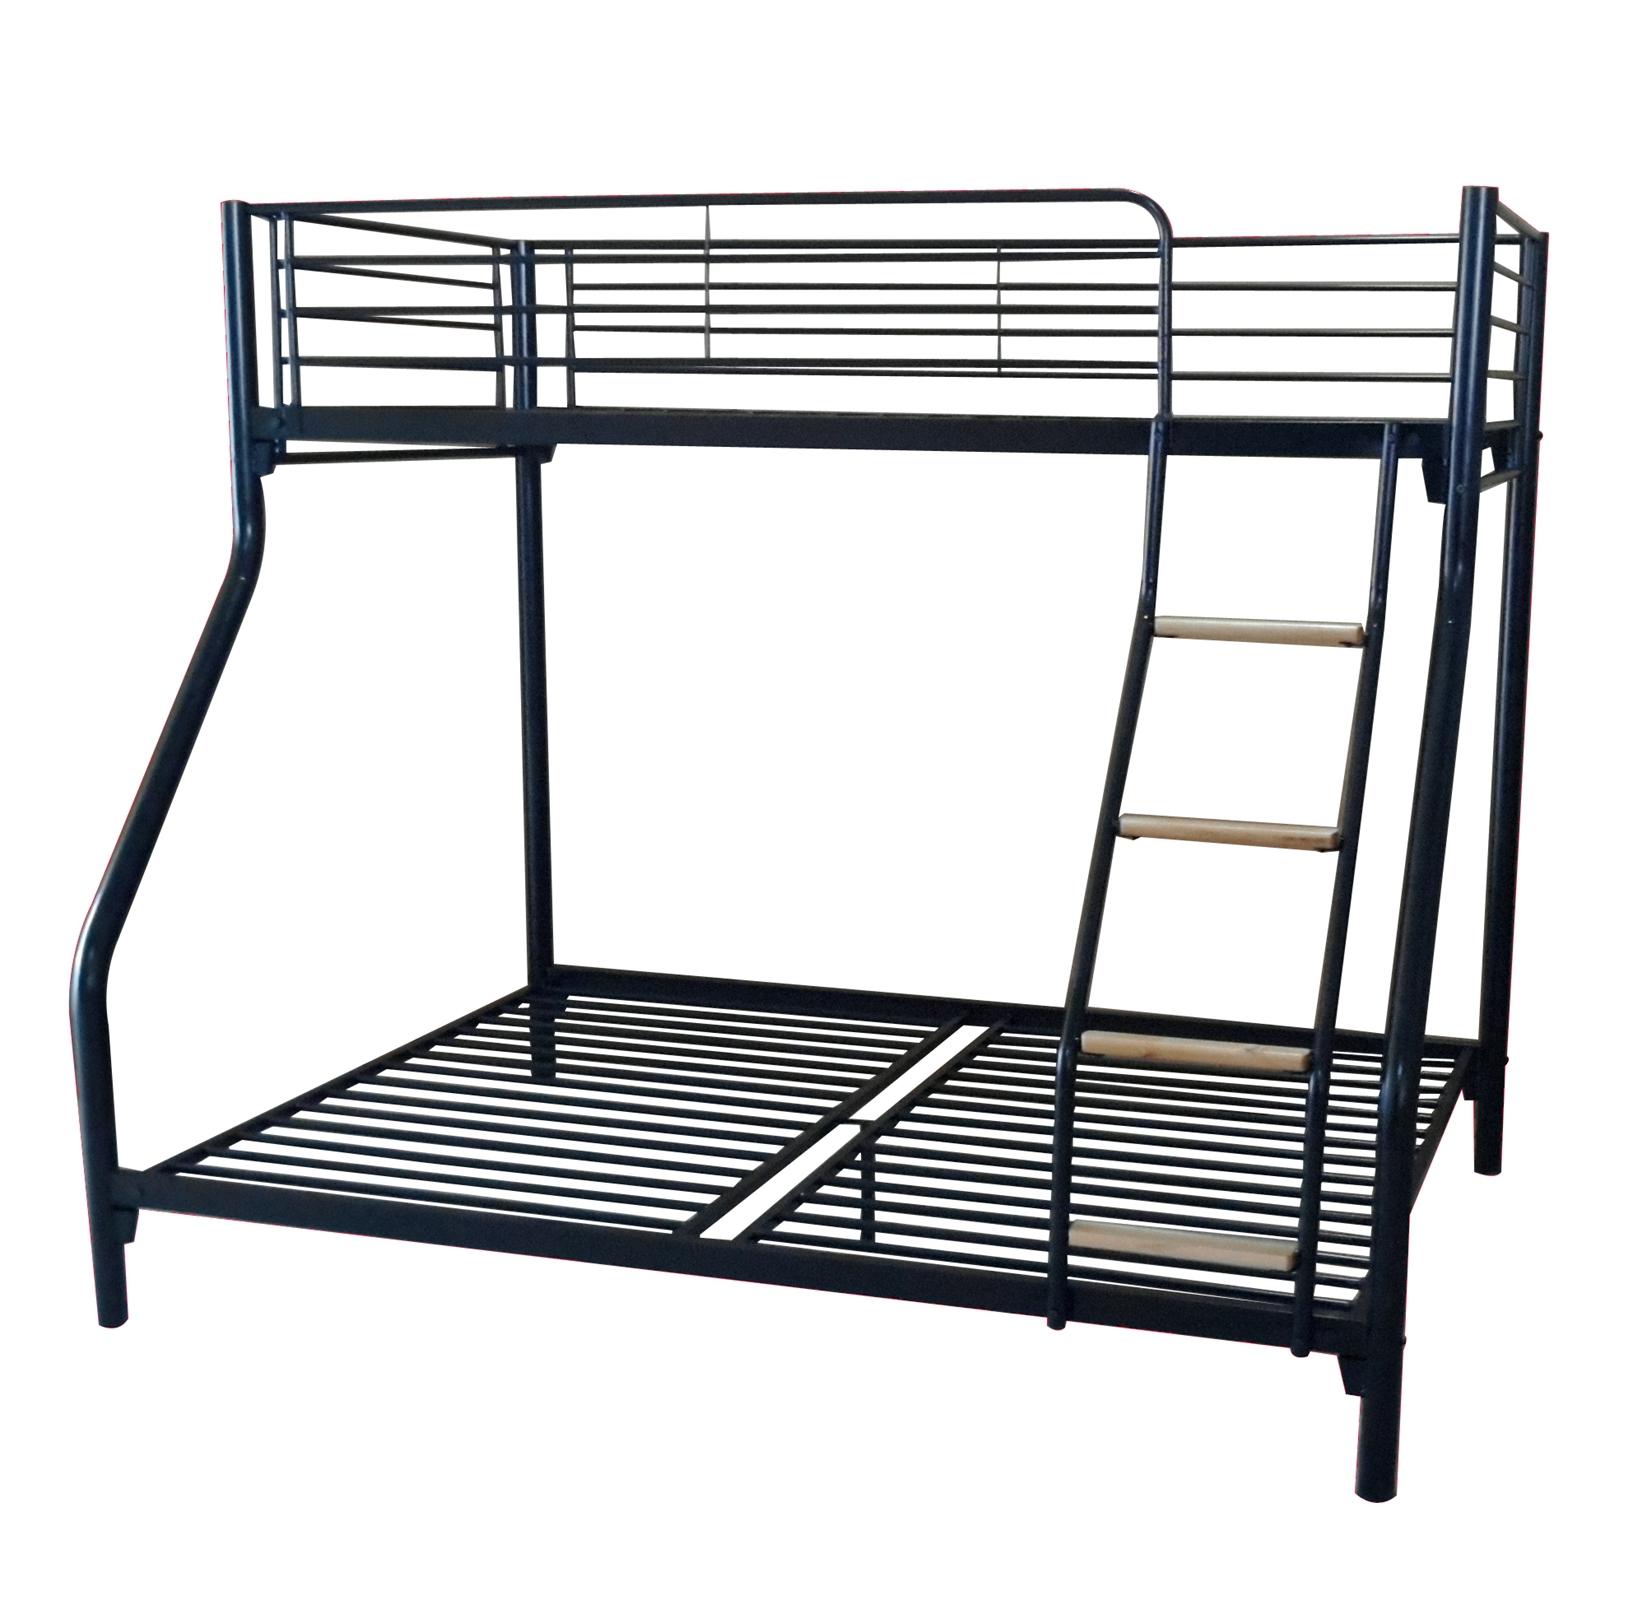 Foxhunter New Kids Triple Sleeper Bunk Bed Metal Frame No Mattress Wood Ladder